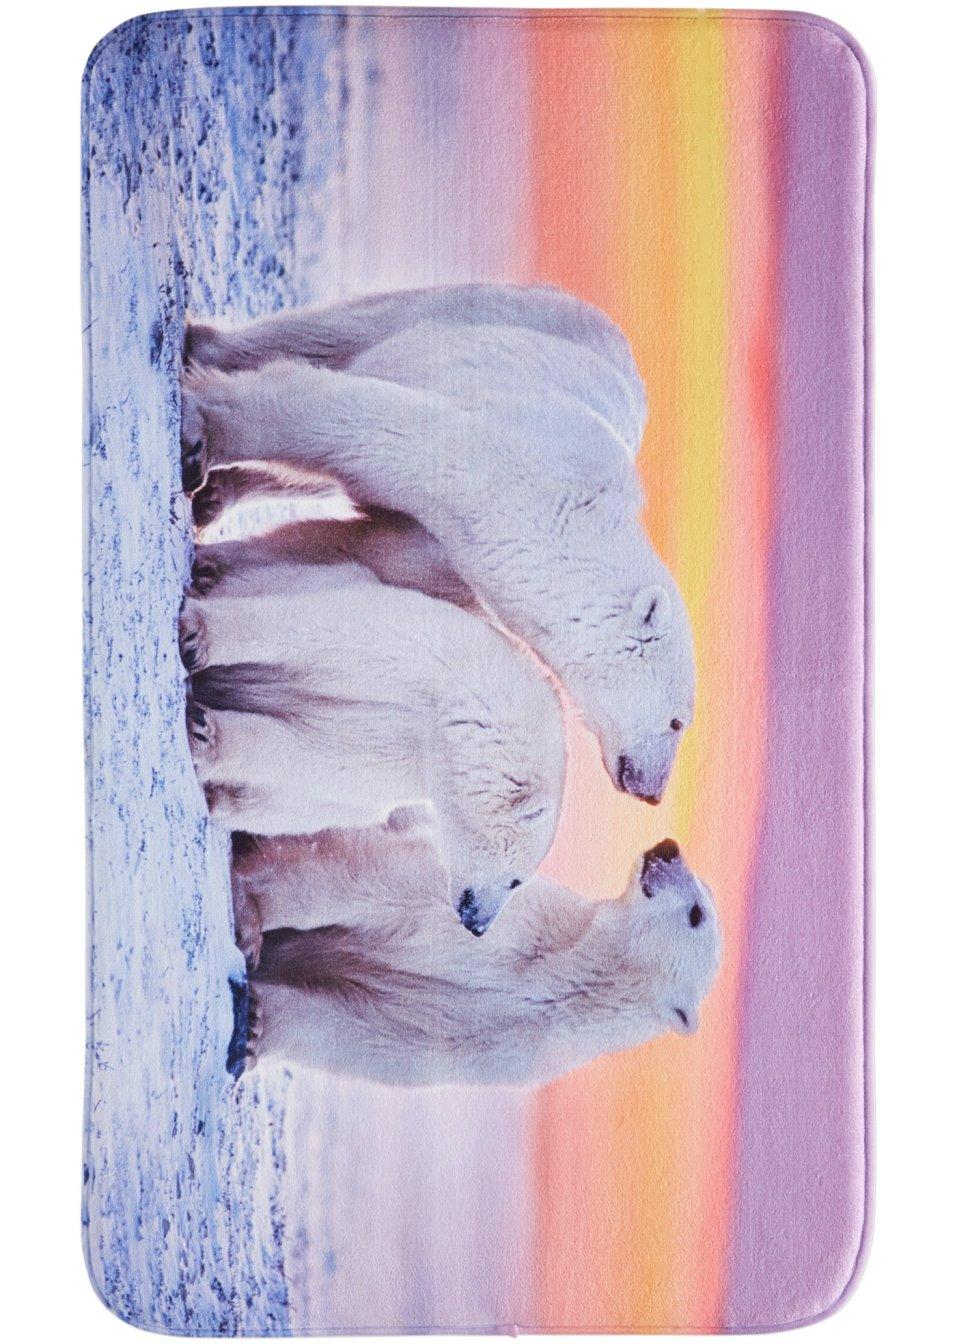 Tappetini per il bagno orso polare in memory foam grigio - Tappetini per il bagno ...